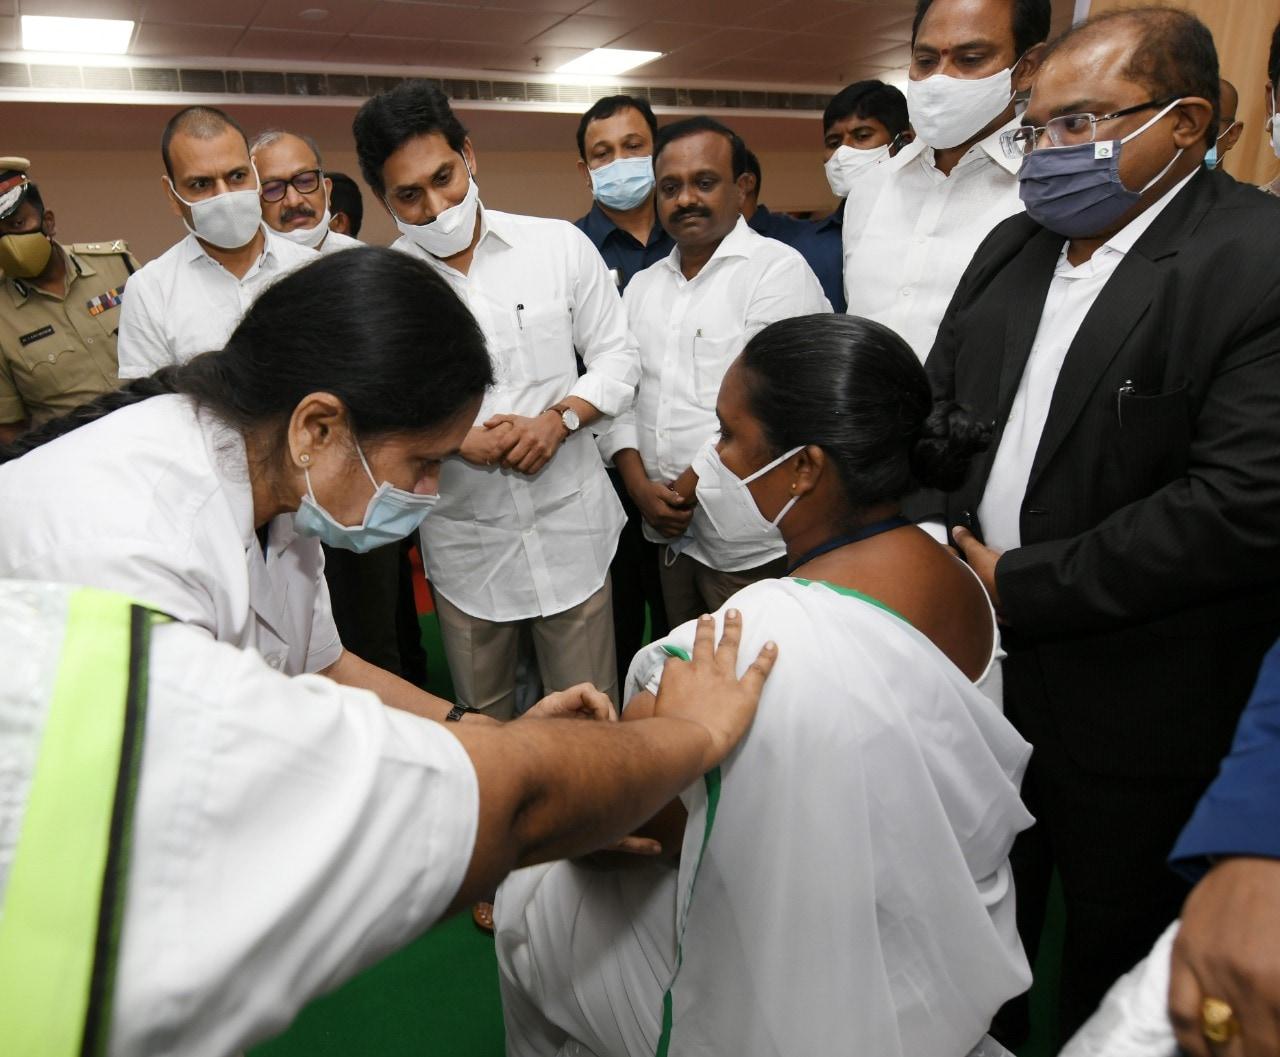 వ్యాక్సినేషన్ ప్రక్రియను ప్రారంభిస్తున్న సీఎం జగన్